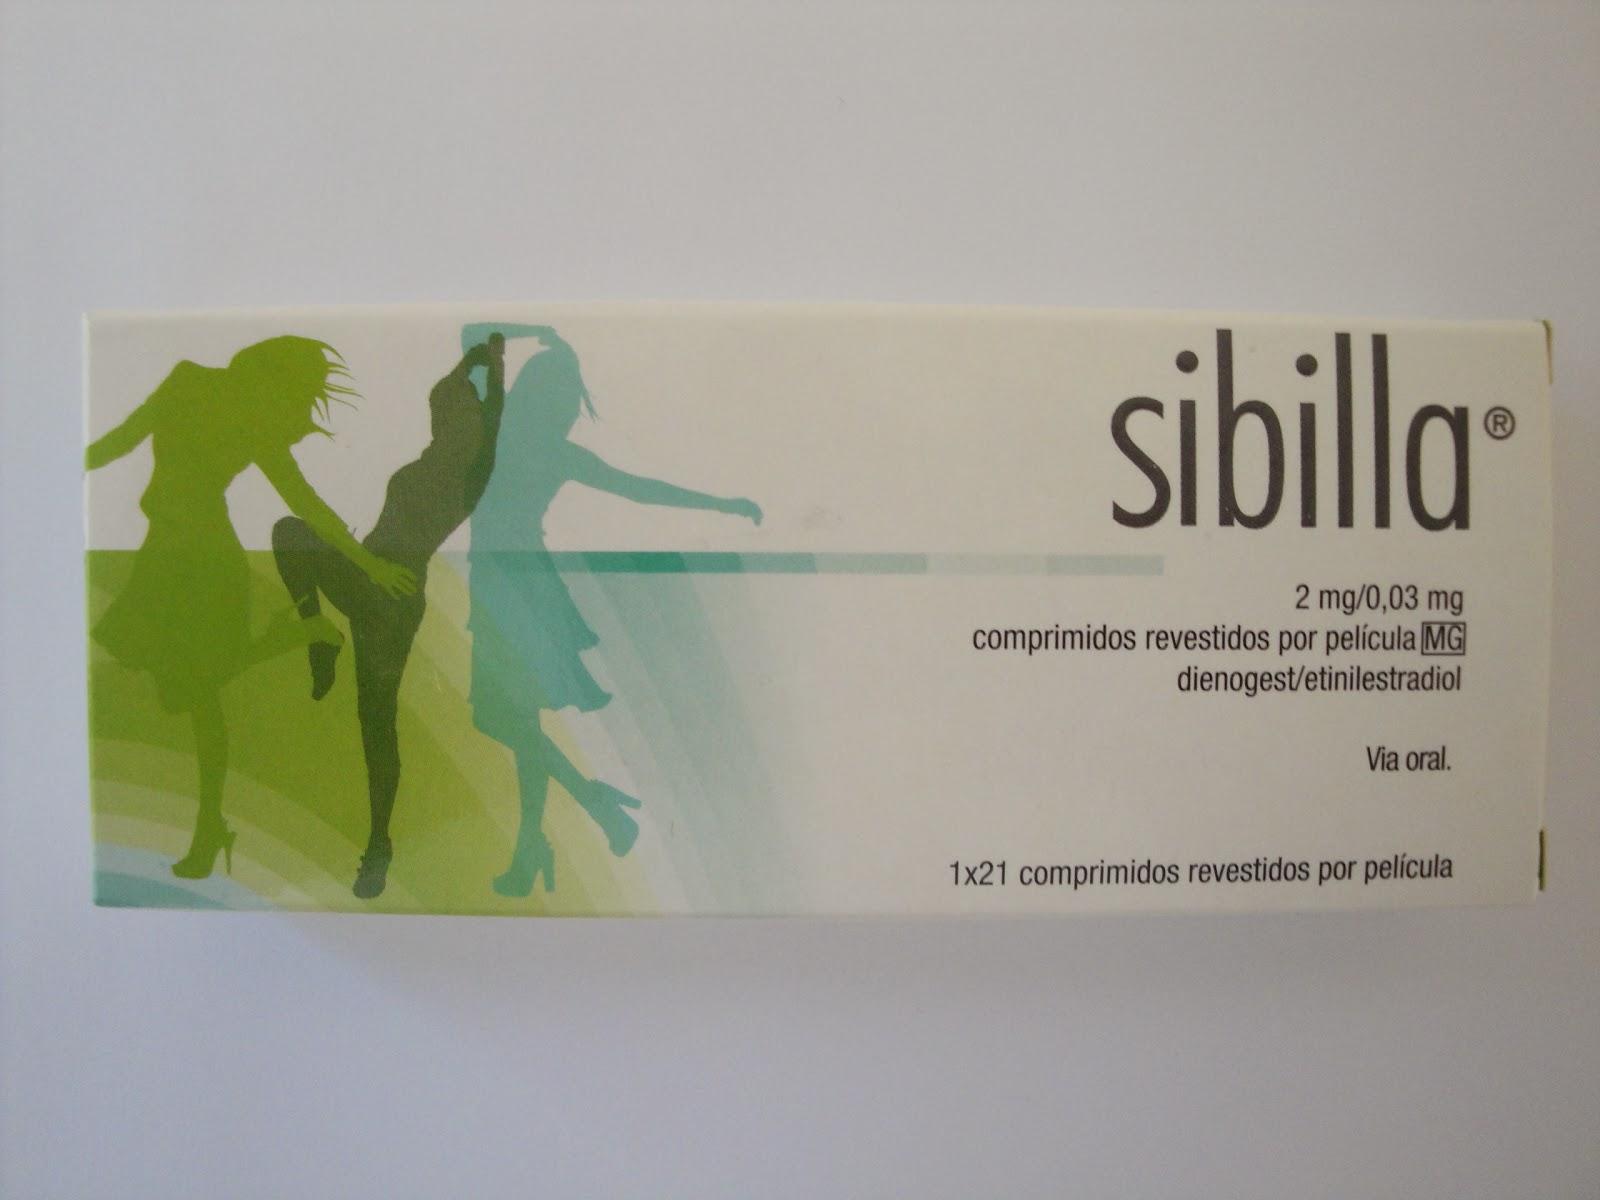 Caixa de pilula Sibilla